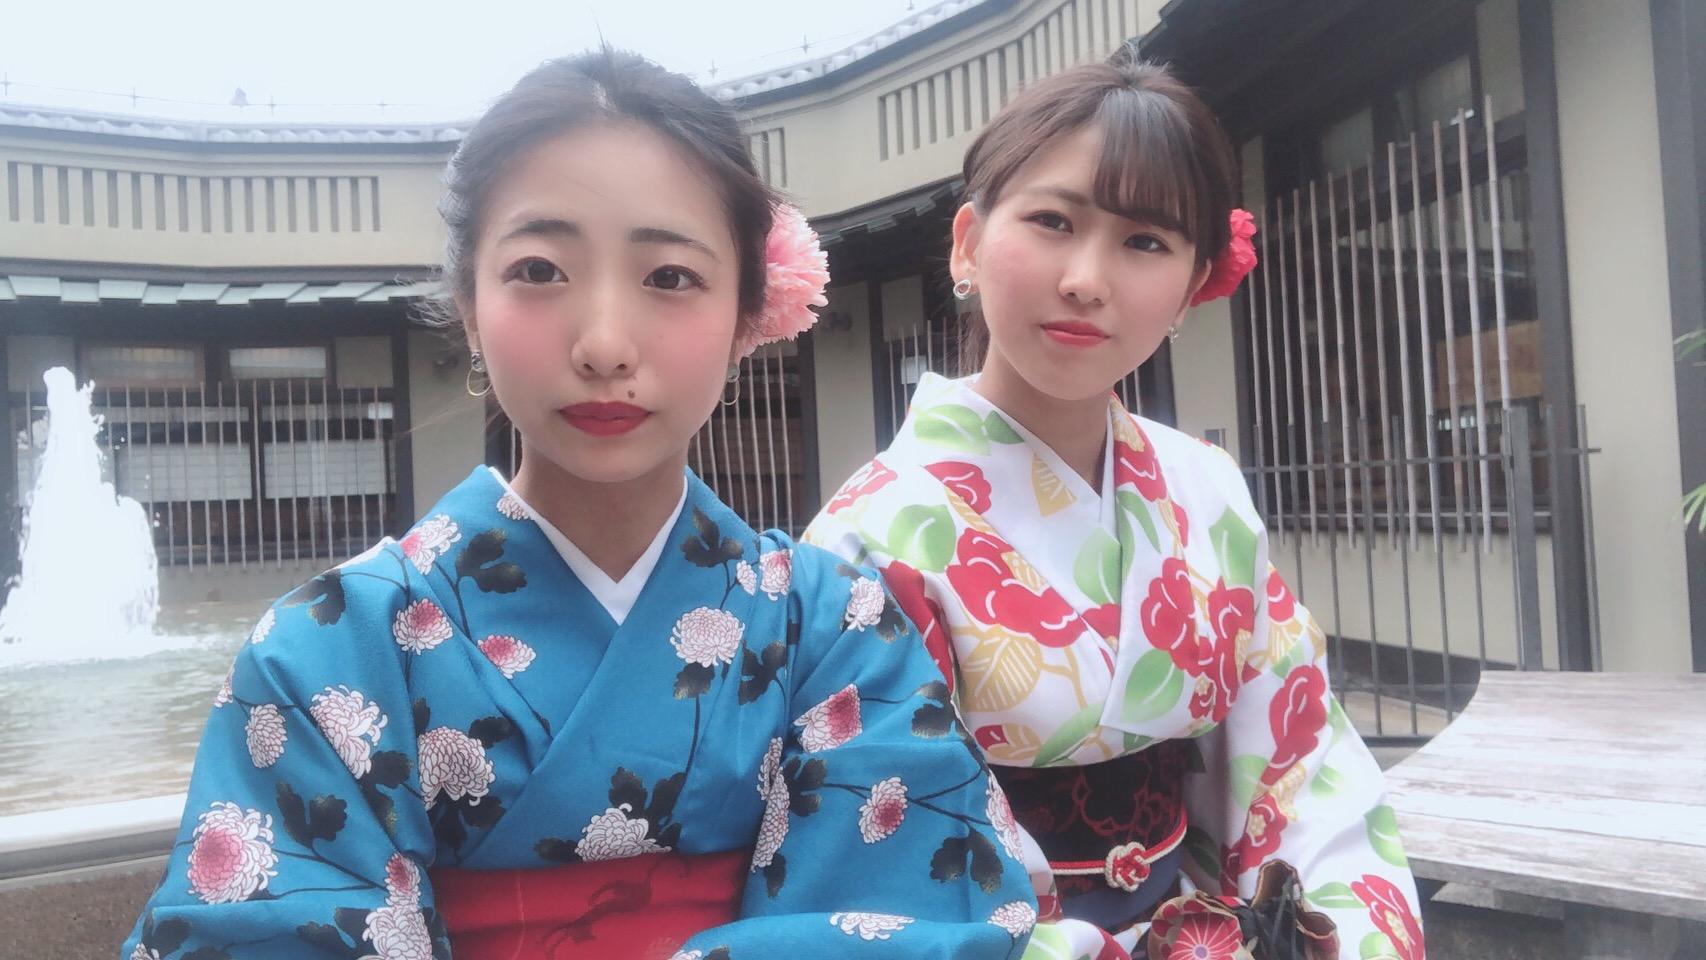 リピーター様❣祇園など東山を散策♪2019年4月19日2